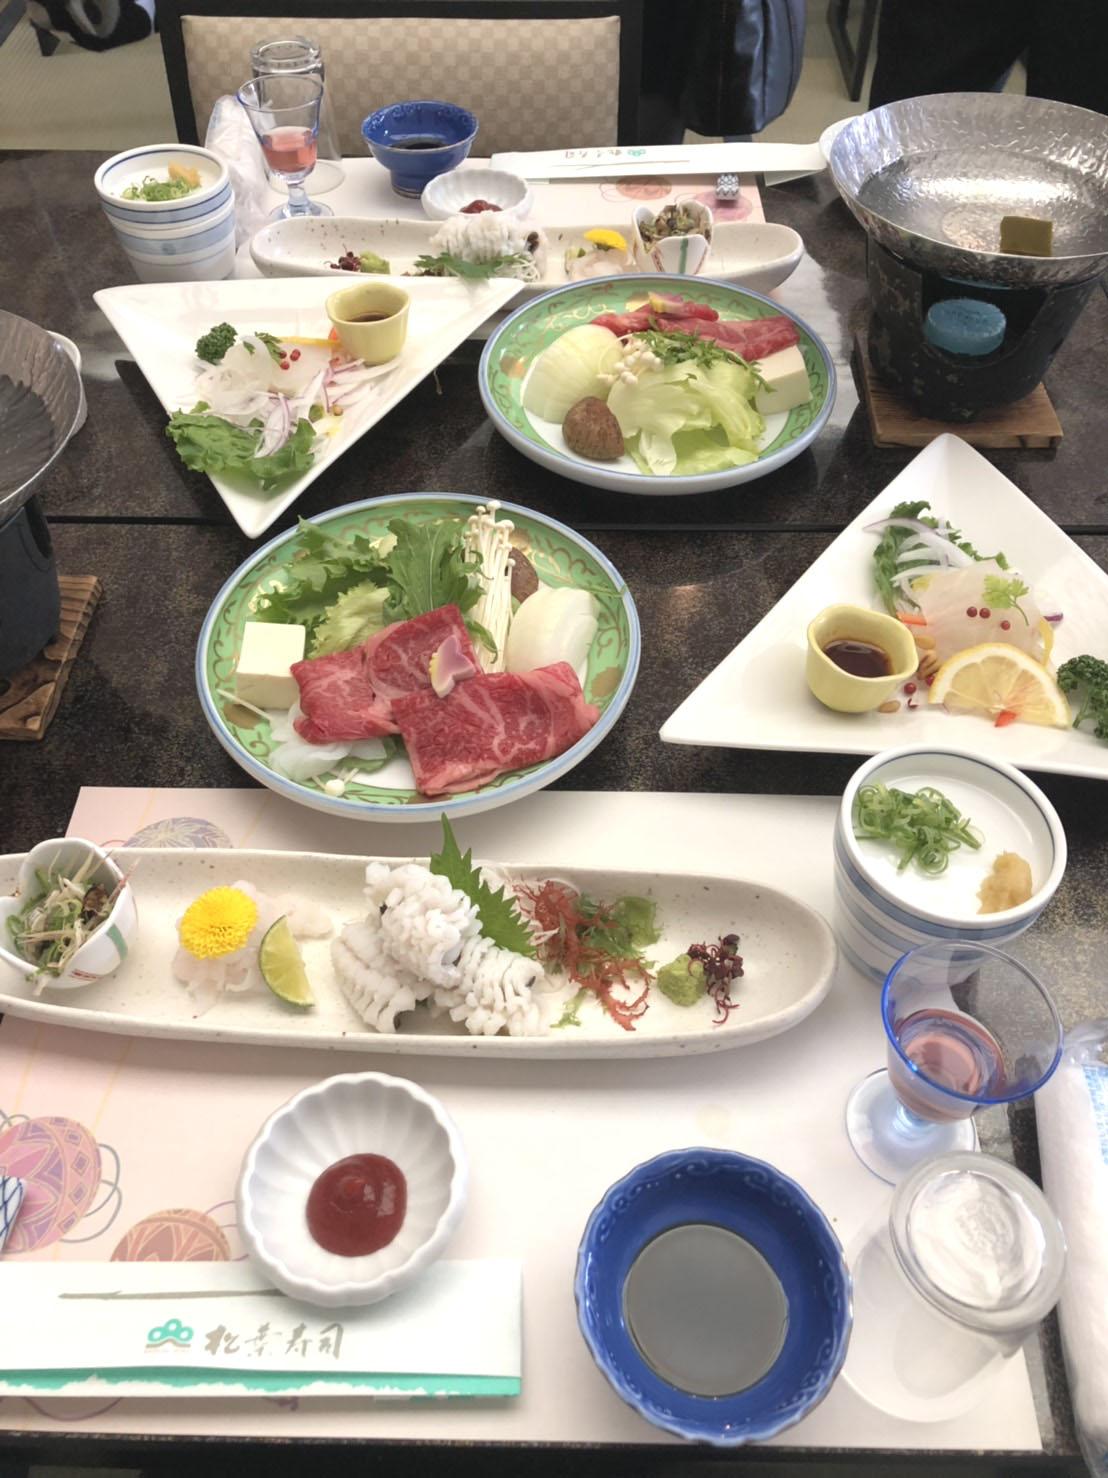 淡路島 鱧 フル コース なら 竹友水産の新鮮な 鱧 (はも)|松葉寿司 写真3